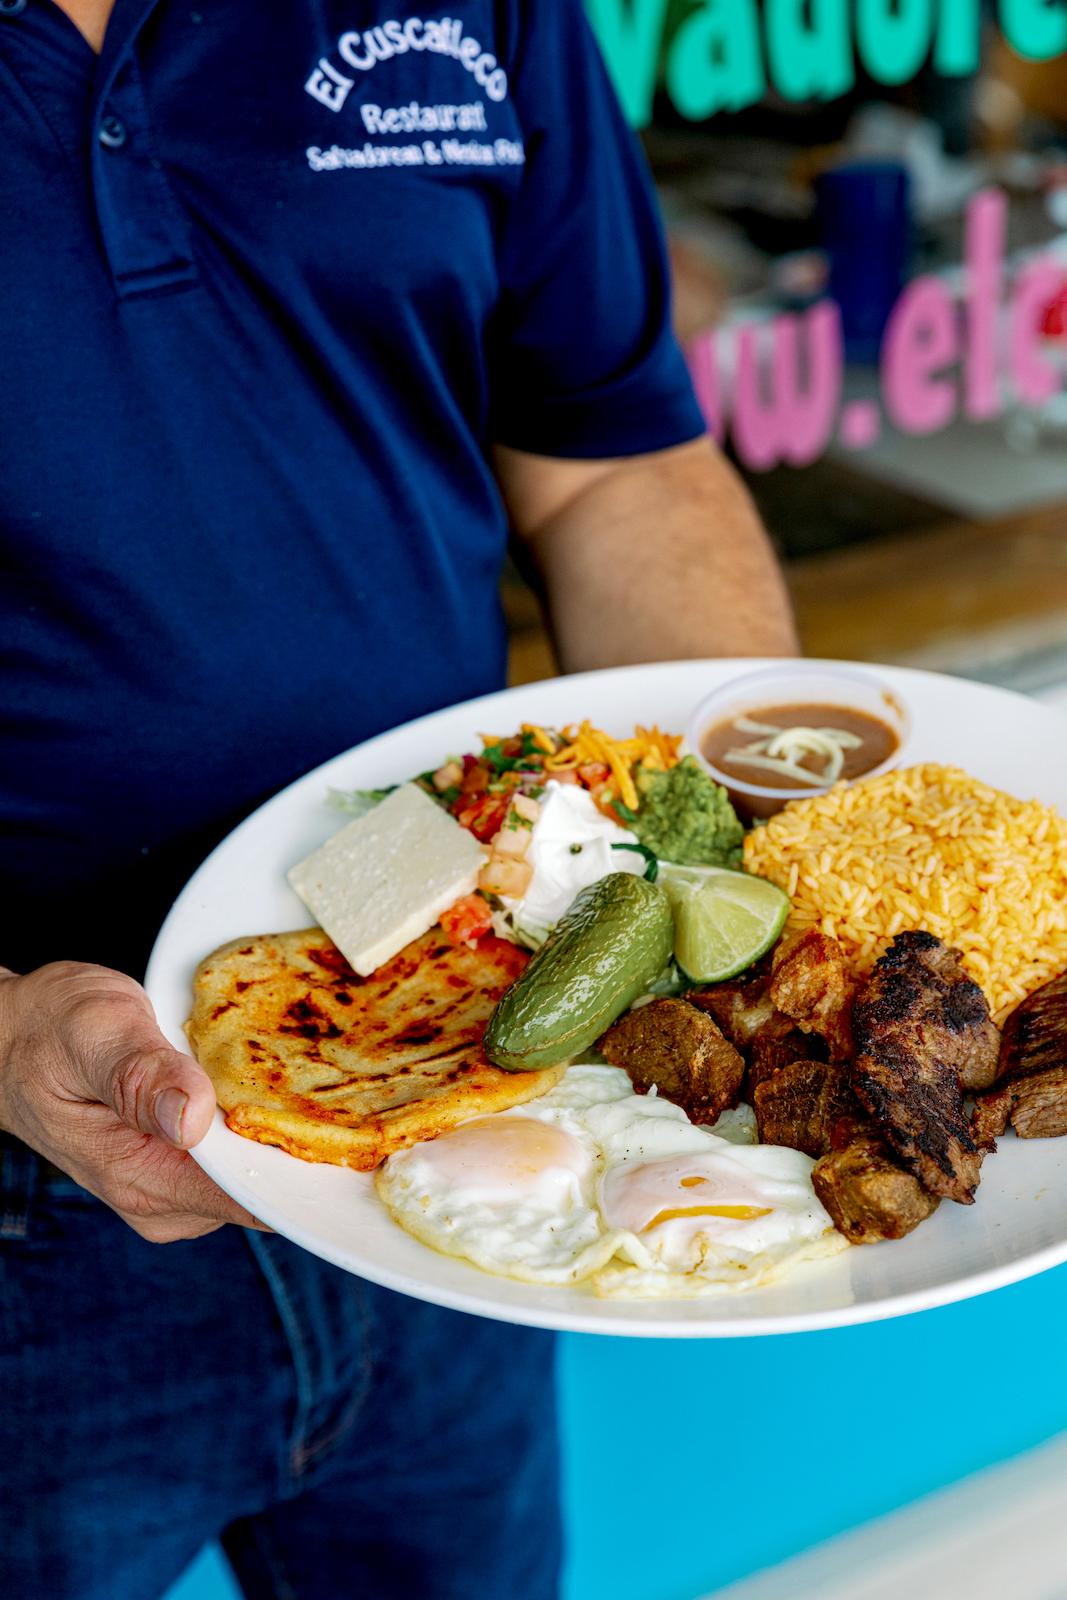 The Bandeja Salvadoreña at El Cuscatleco offers a tour of the cuisine of El Salvador